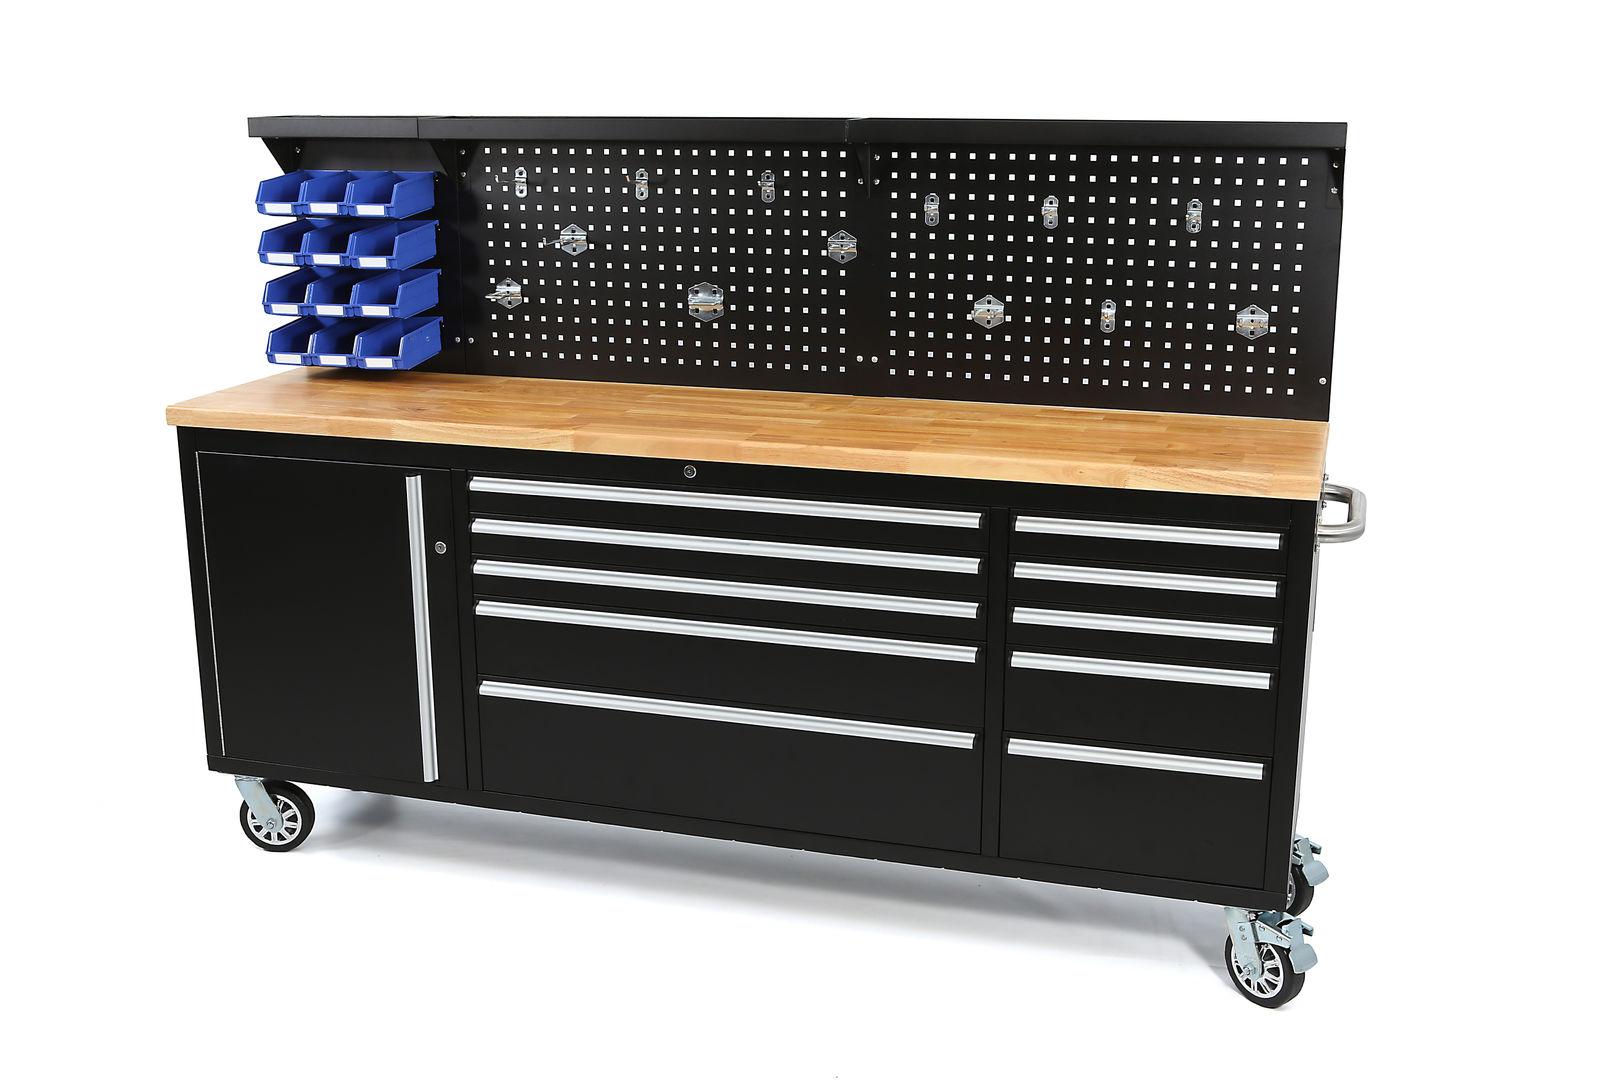 werkstattwagen werkzeugwagen mit holz arbeitsplatte 214 x 76 5 x 48 5 cm 180 kg 10. Black Bedroom Furniture Sets. Home Design Ideas